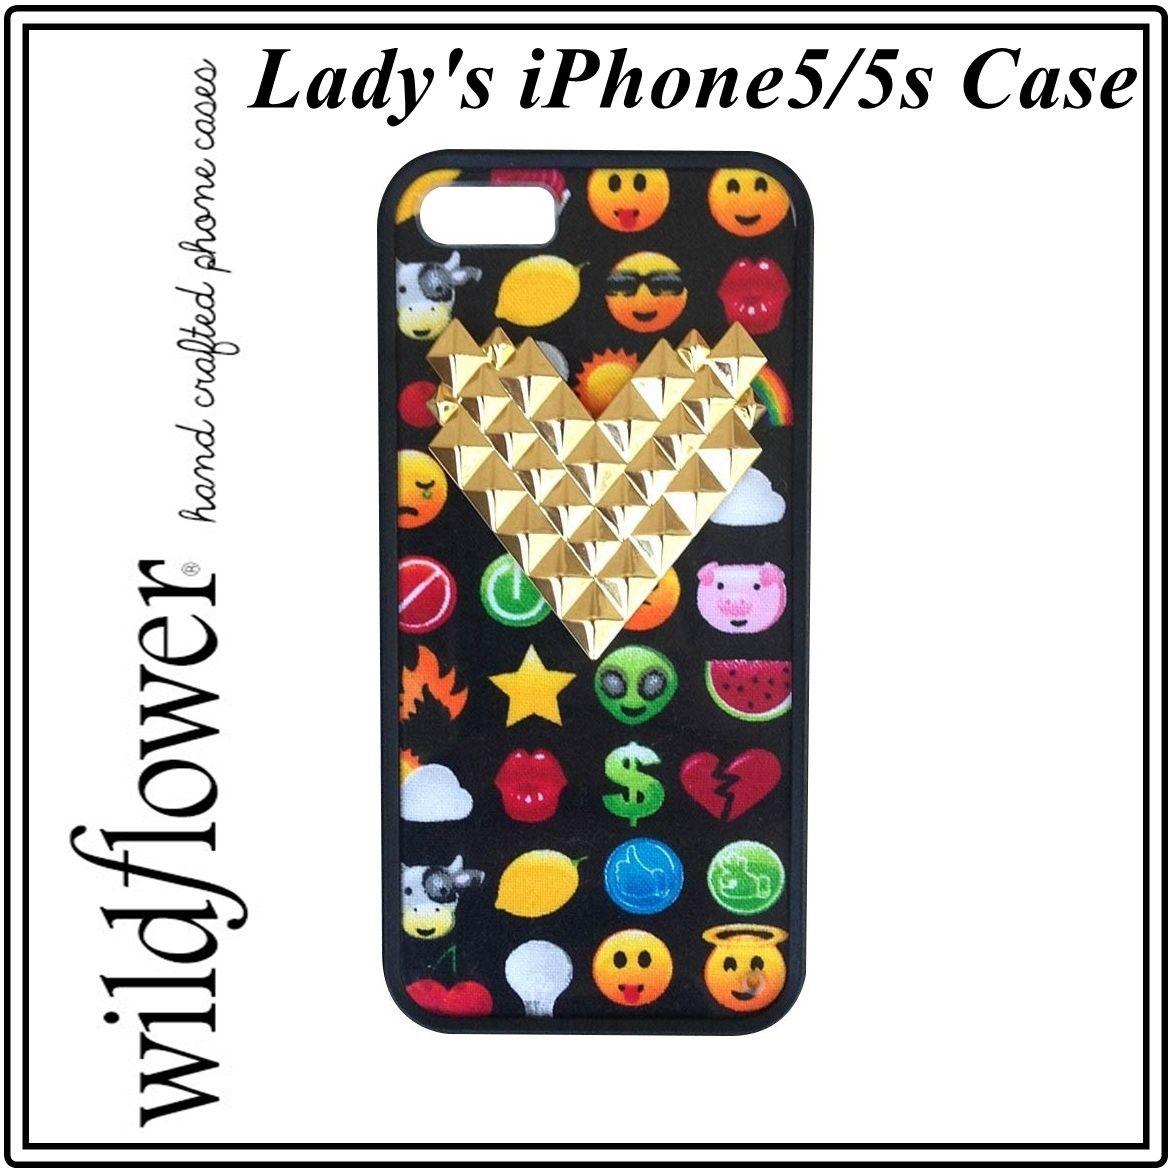 Wildflower ワイルドフラワー ロサンゼルス の 可愛い 絵文字iphoneケース iphone5 5s ケース スマイル 宇宙人 ポップアート カバー